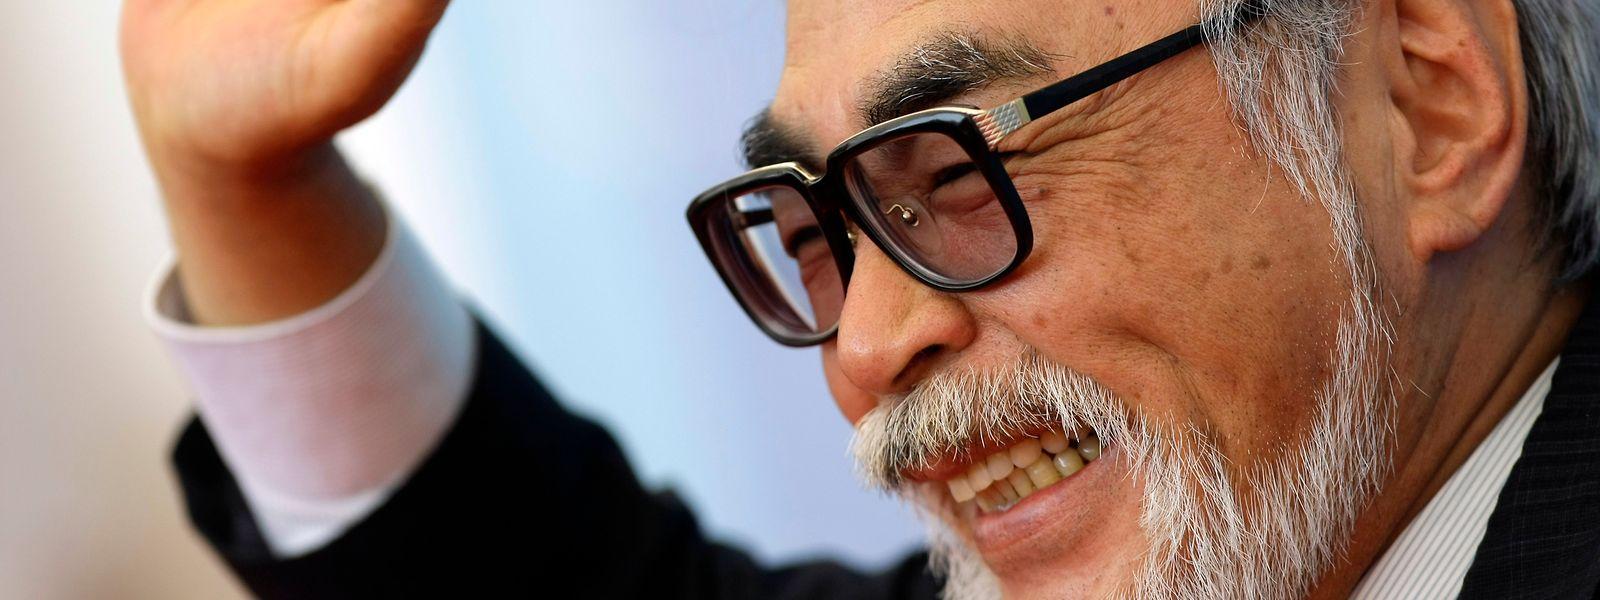 Der Altmeister des japanischen Animationsfilms Hayao Miyazaki 2008 bei den Filmfestspielen in Venedig.